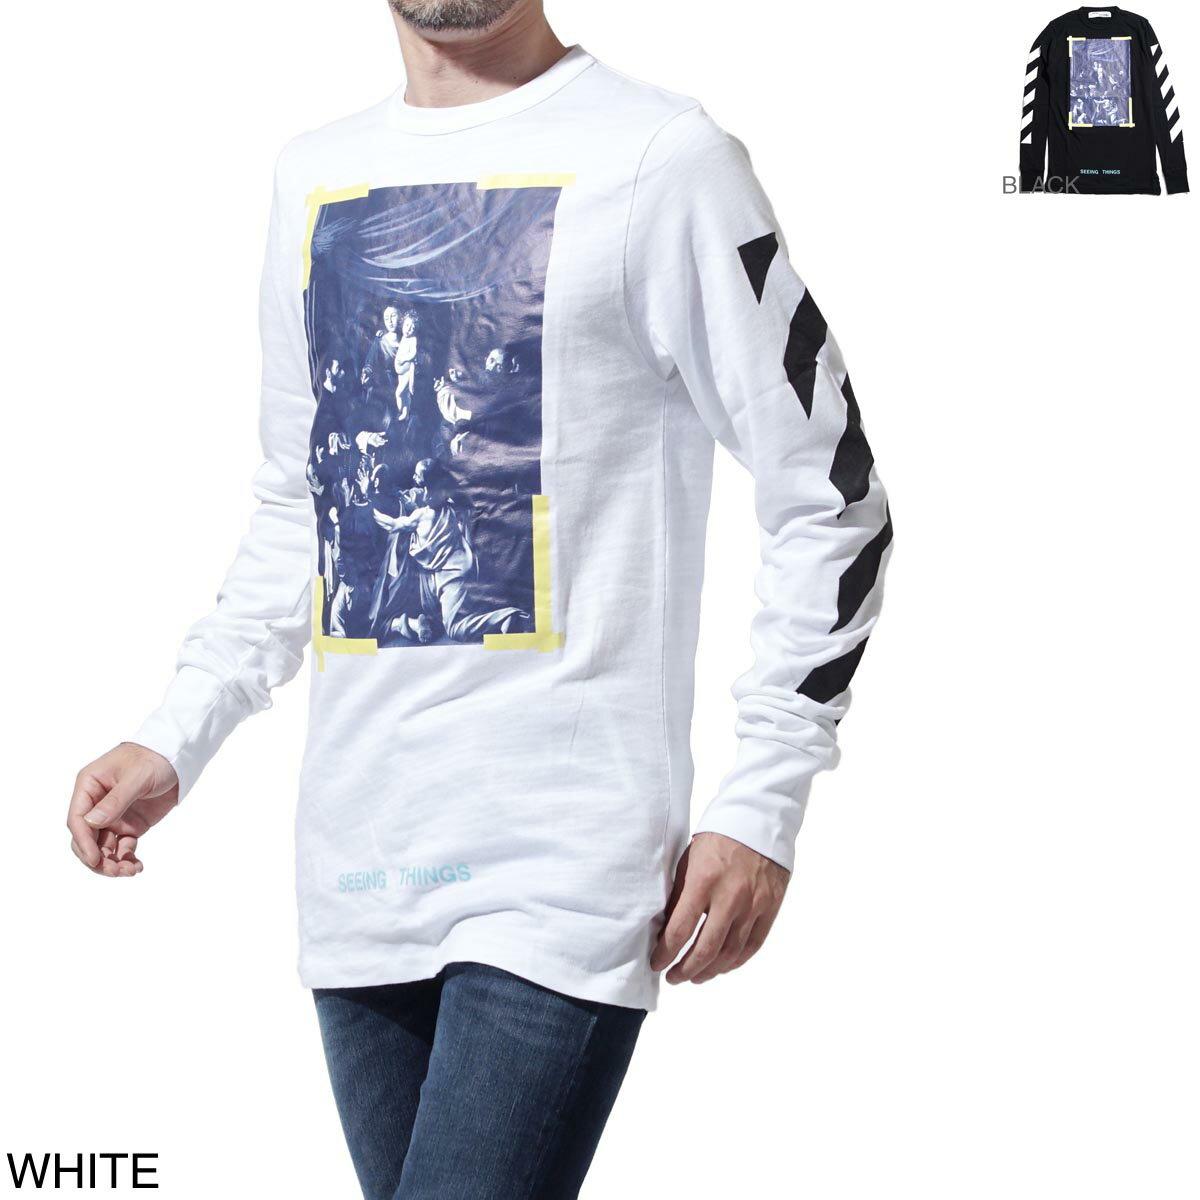 オフホワイト Off-White クルーネック 長袖 Tシャツ メンズ カットソー カジュアル プリント デザイン omab001f17185016 110 DIAG CARAVAGGIO TEE LS【あす楽対応_関東】【ラッピング無料】【返品送料無料】